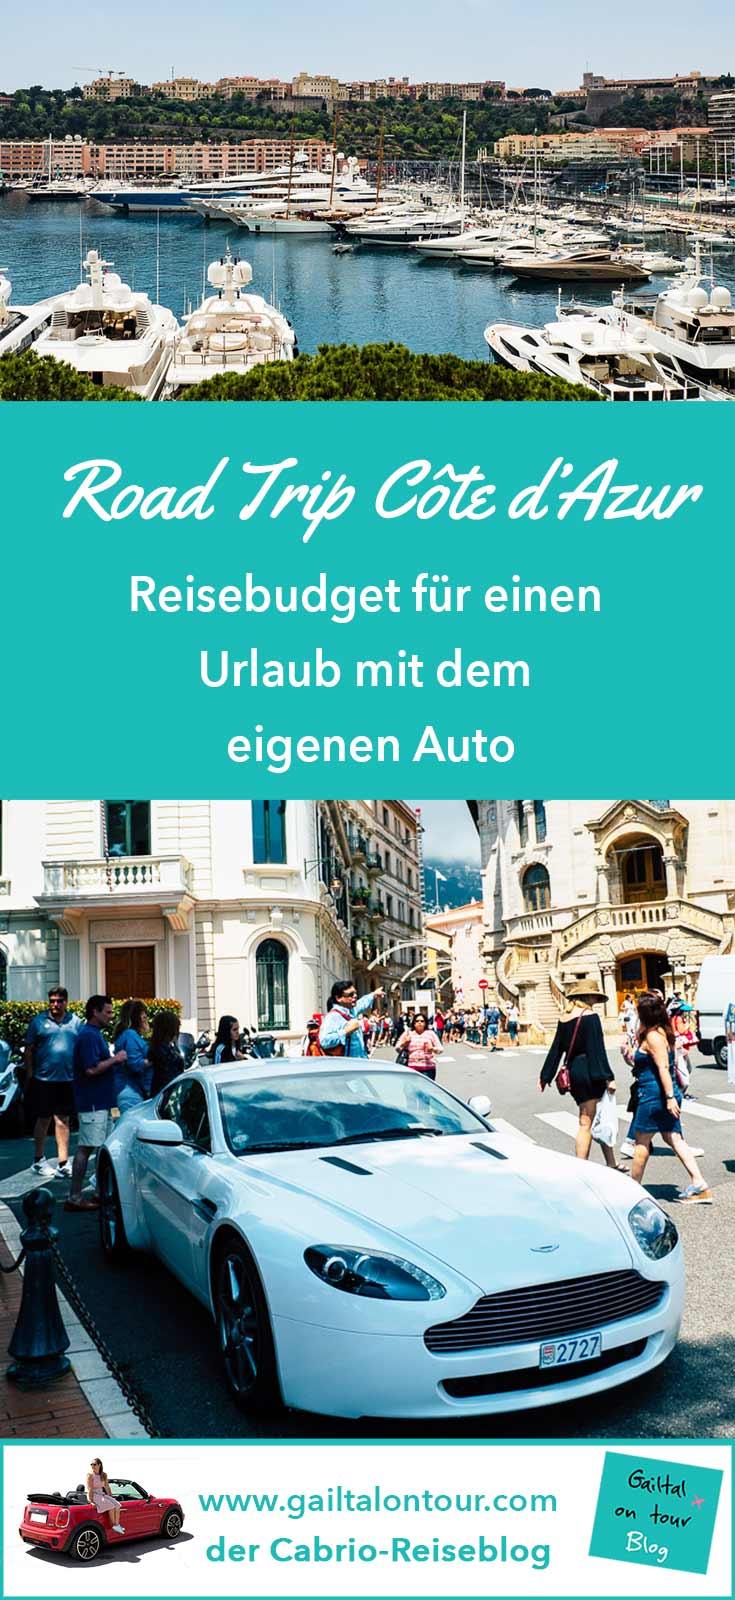 Reisekosten Urlaub Auto Côte d'Azur